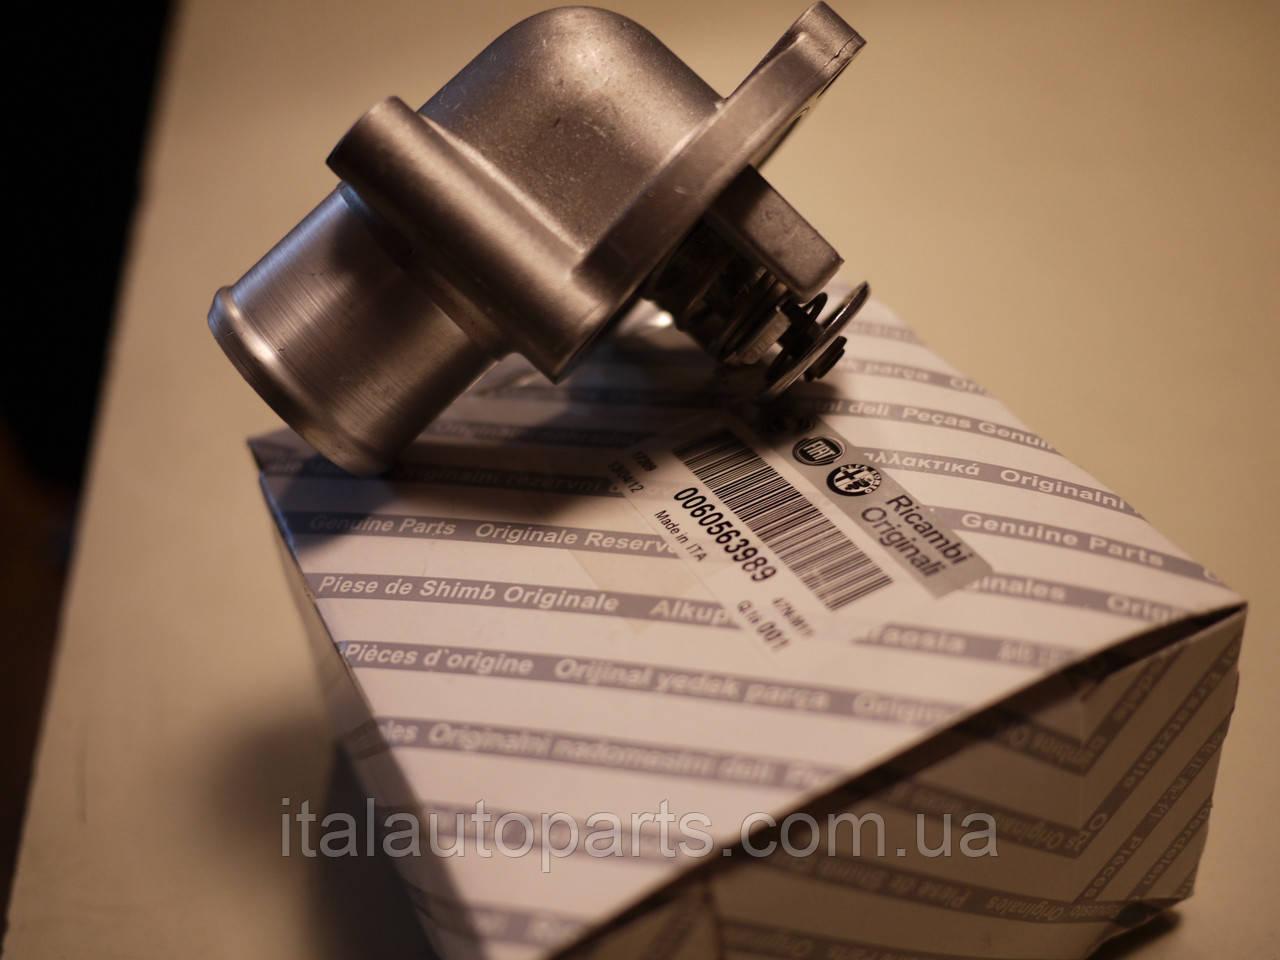 Термостат Alfa Romeo 156, Alfa Romeo 166 2,5-3,0 V6